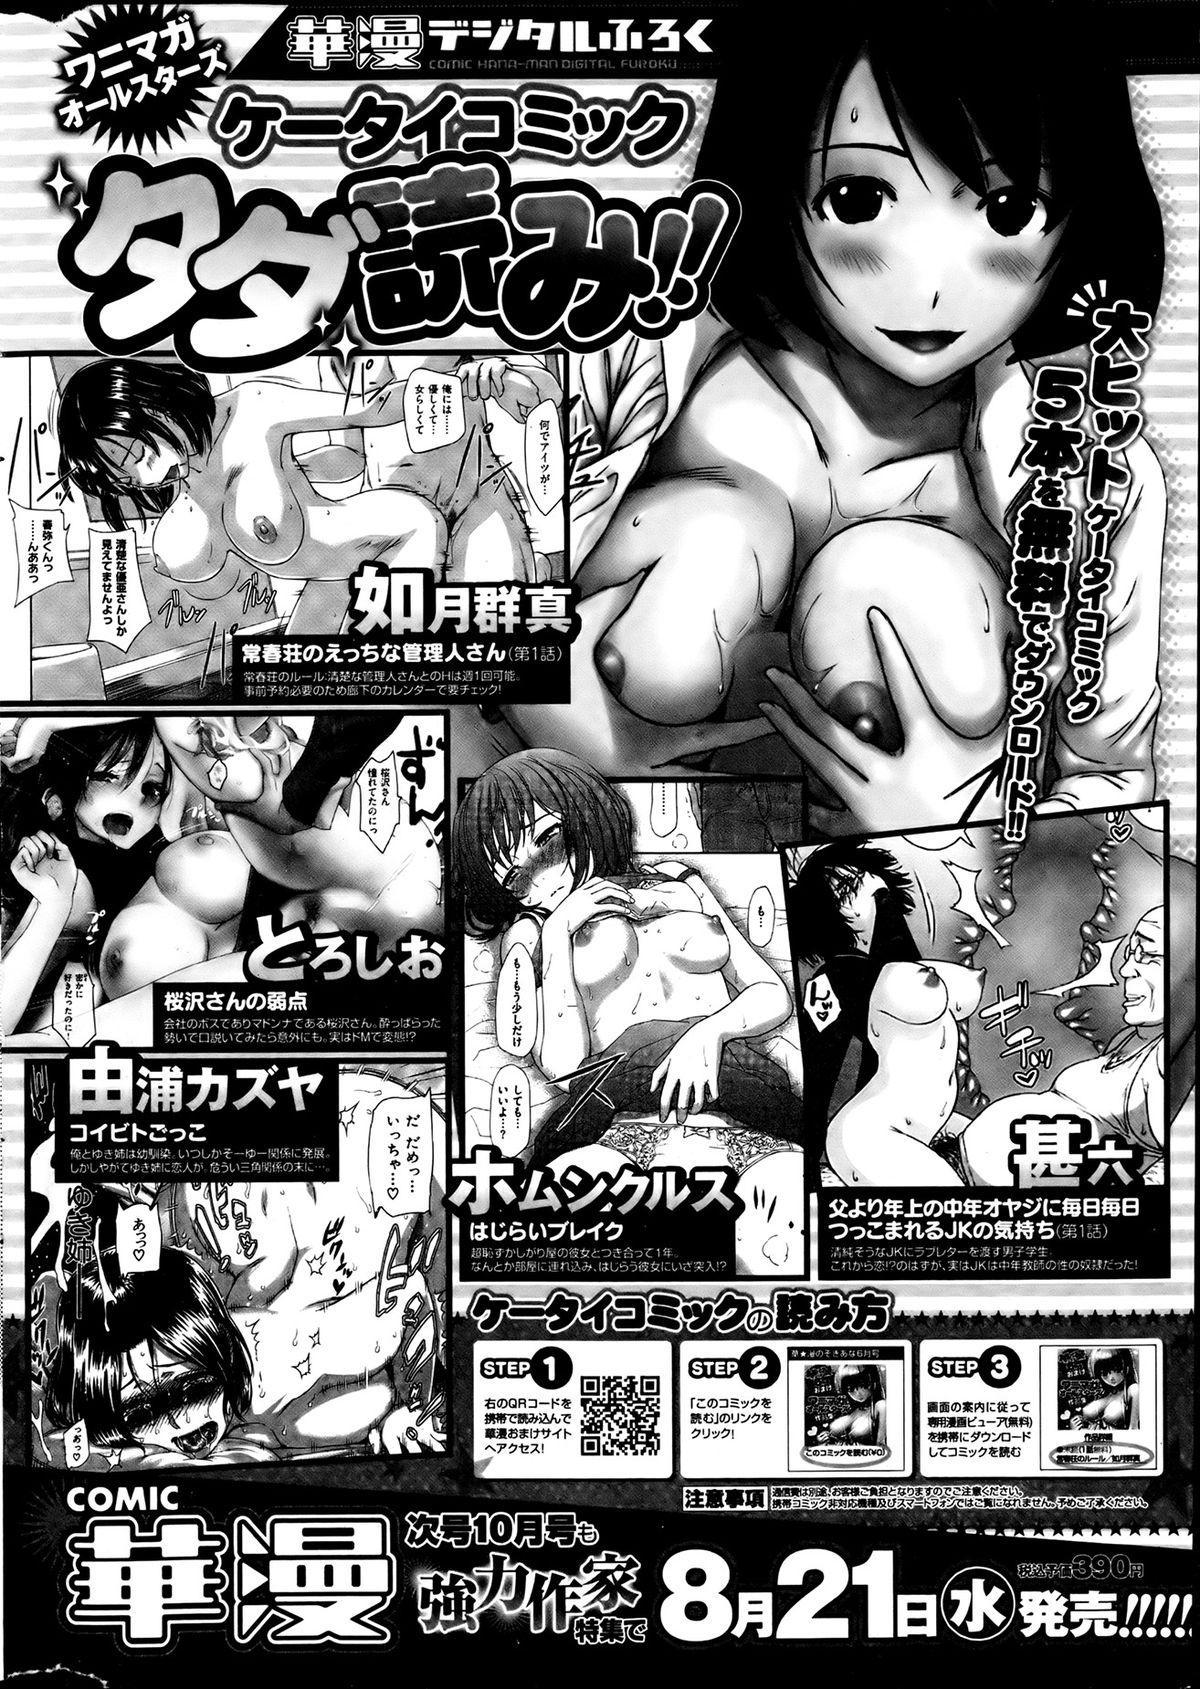 COMIC HANA-MAN 2013-08 Takeda Hiromitsu Tokushuu 273